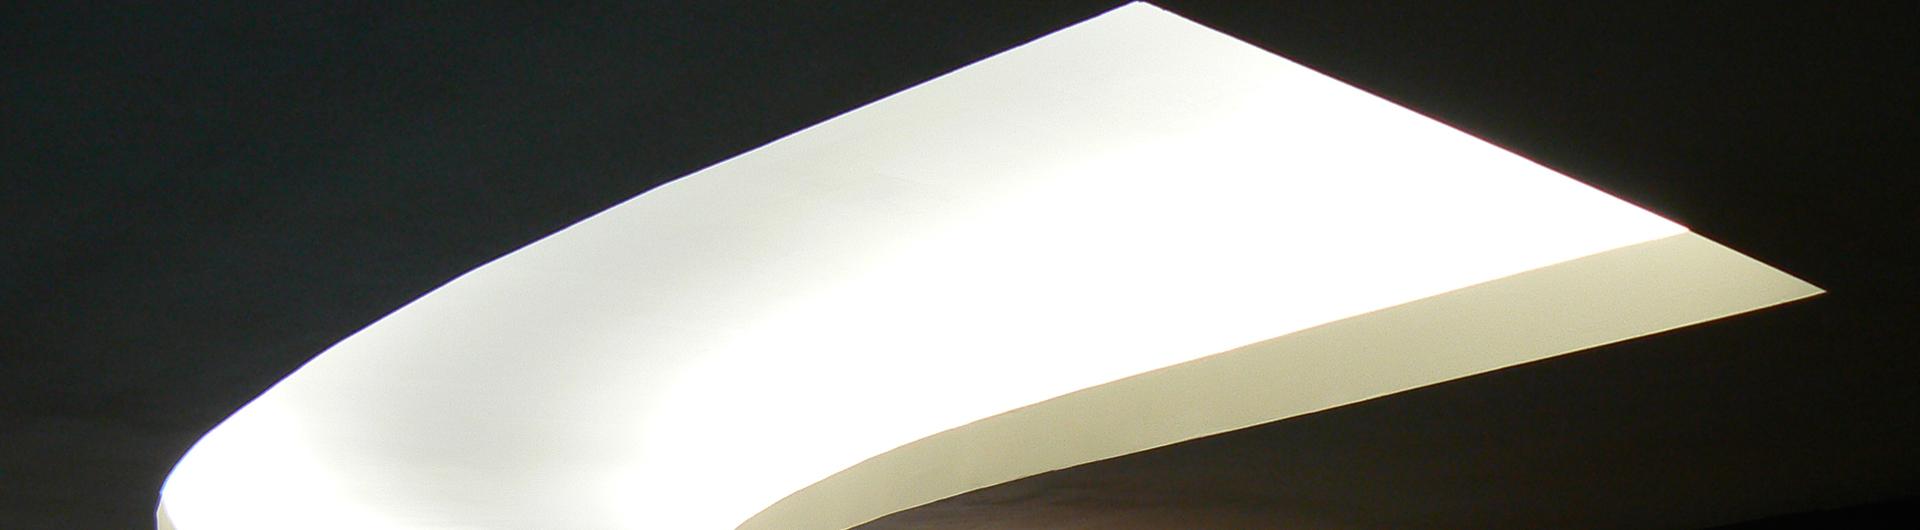 plafond-1920x530